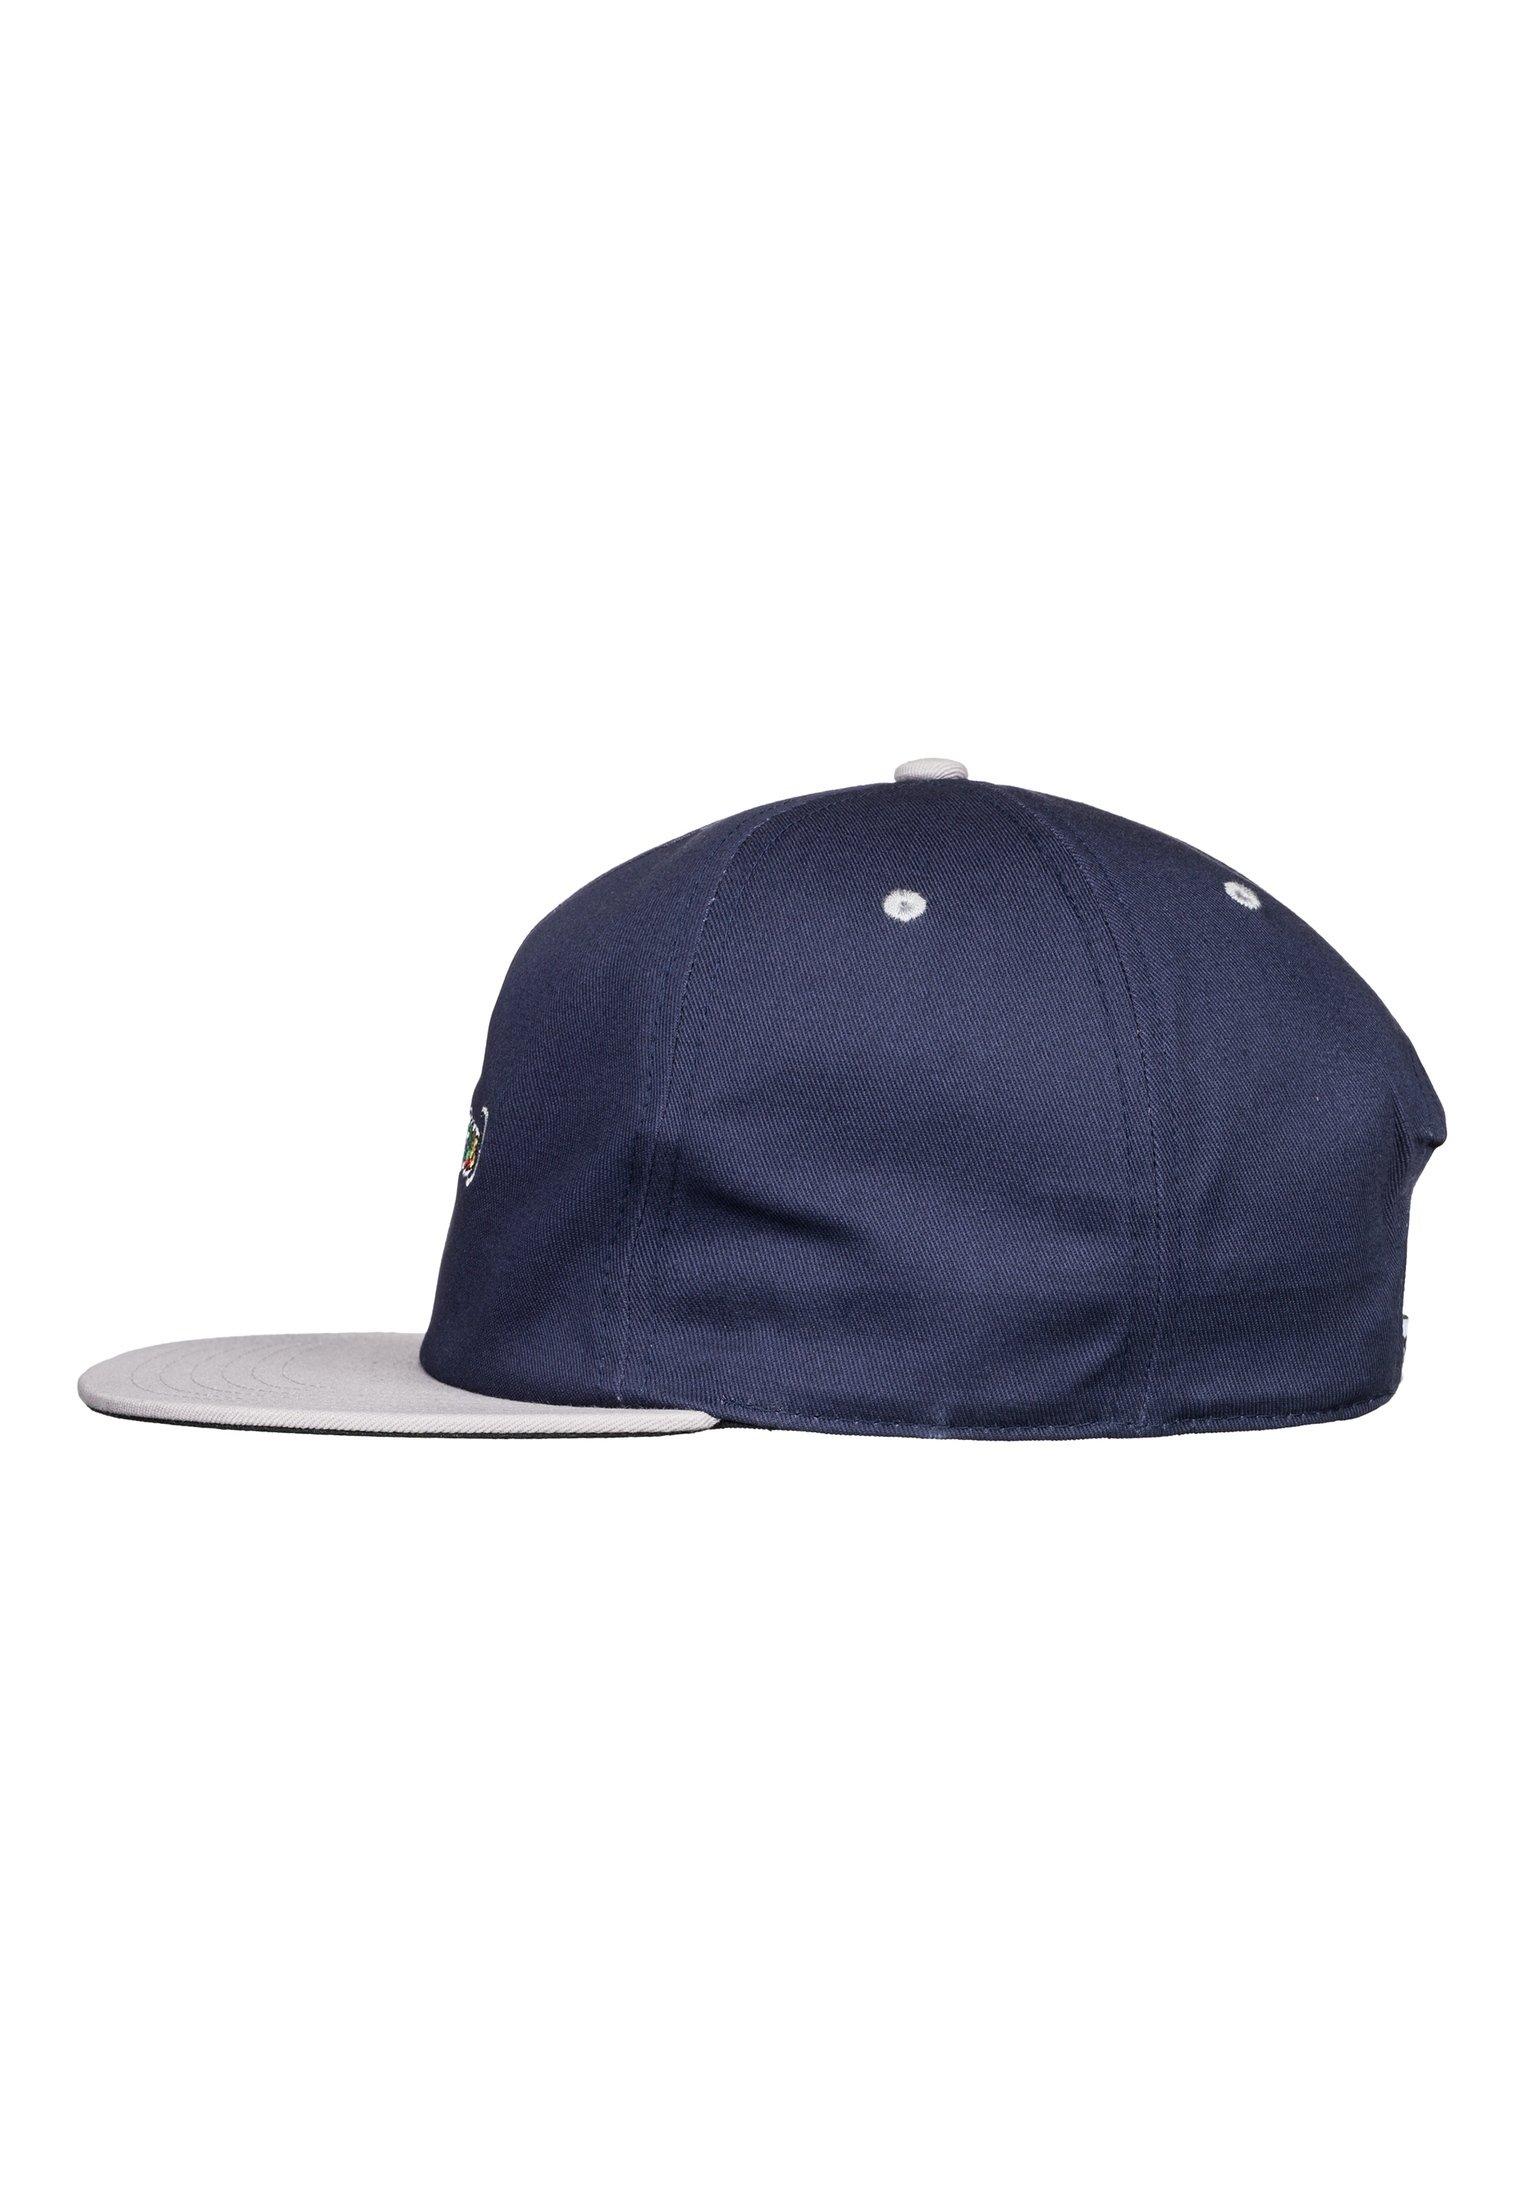 Dc Shoes Cap - Black Iris/dunkelblau